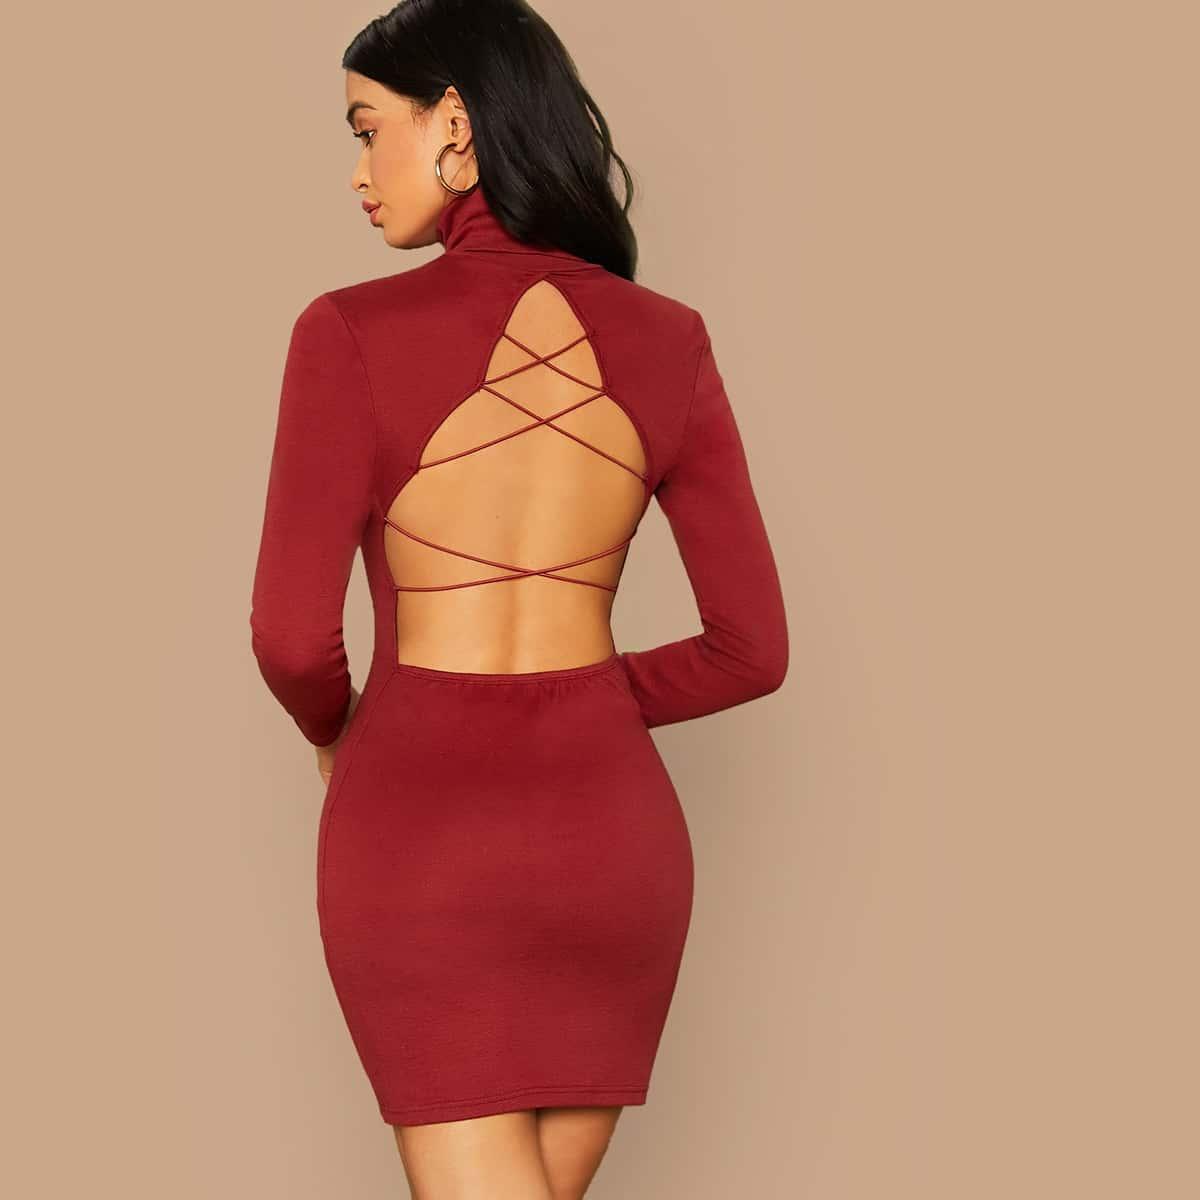 SHEIN / Vestido ajustado de espalda con tiras cruzadas de cuello halter